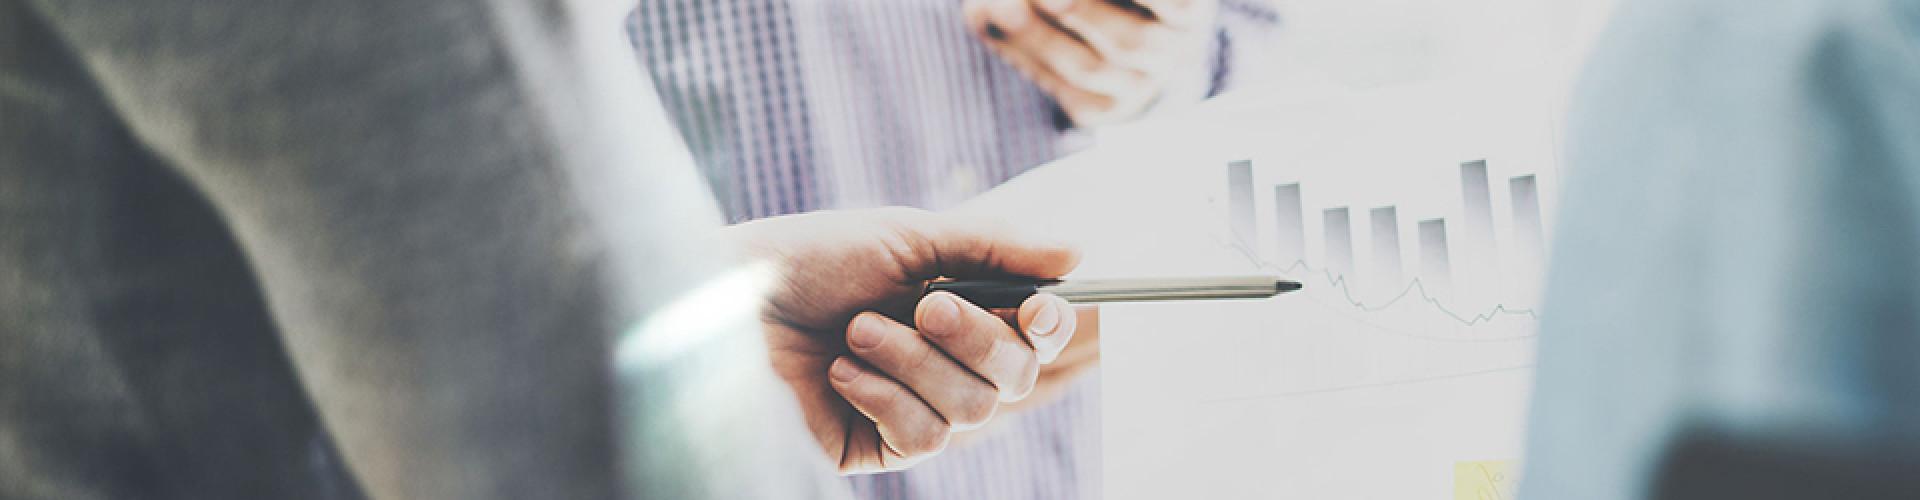 Online marketing diensten van Diggle bekijken